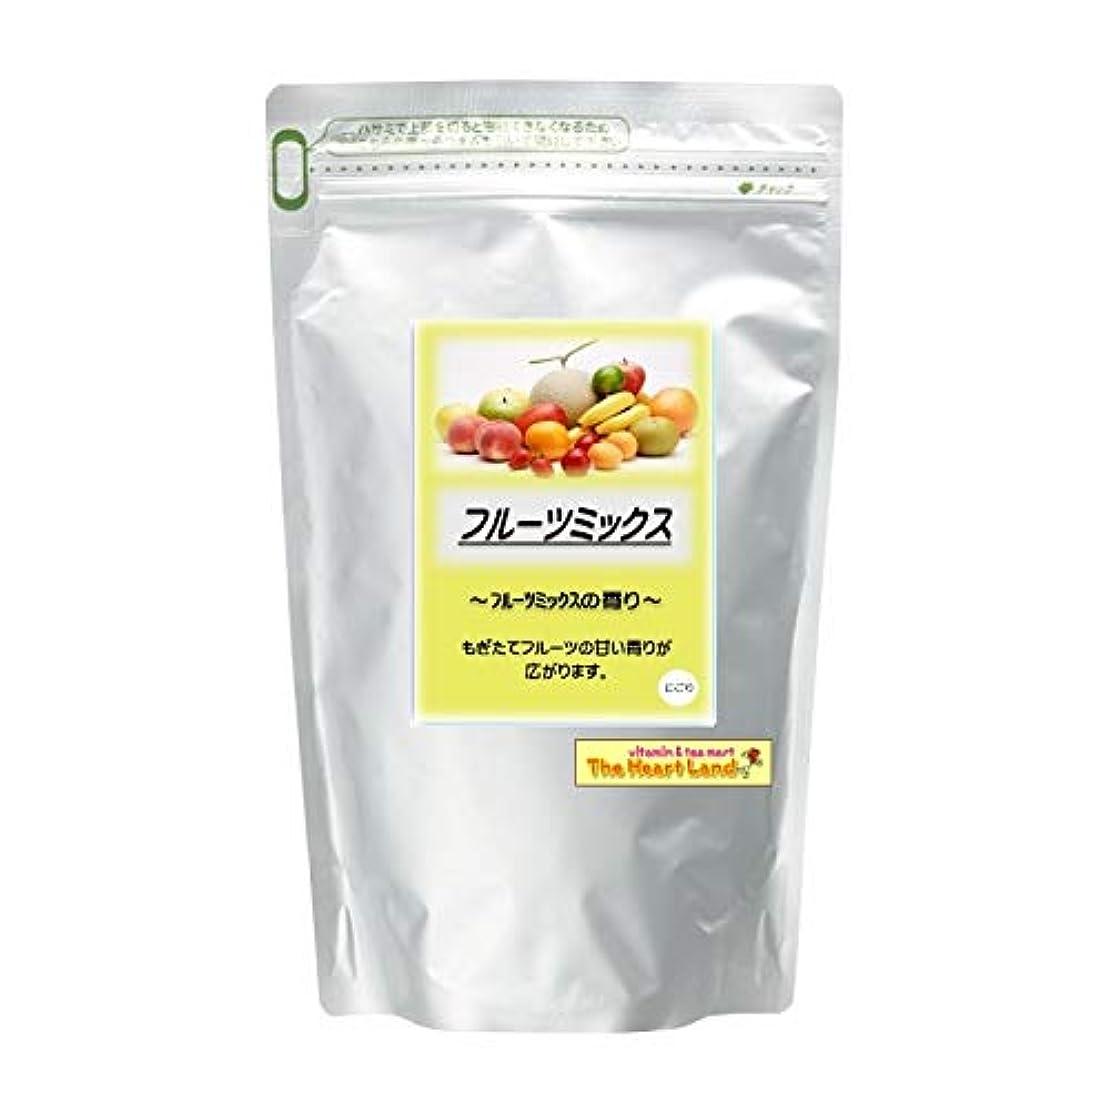 戸惑う秀でるめ言葉アサヒ入浴剤 浴用入浴化粧品 フルーツミックス 2.5kg